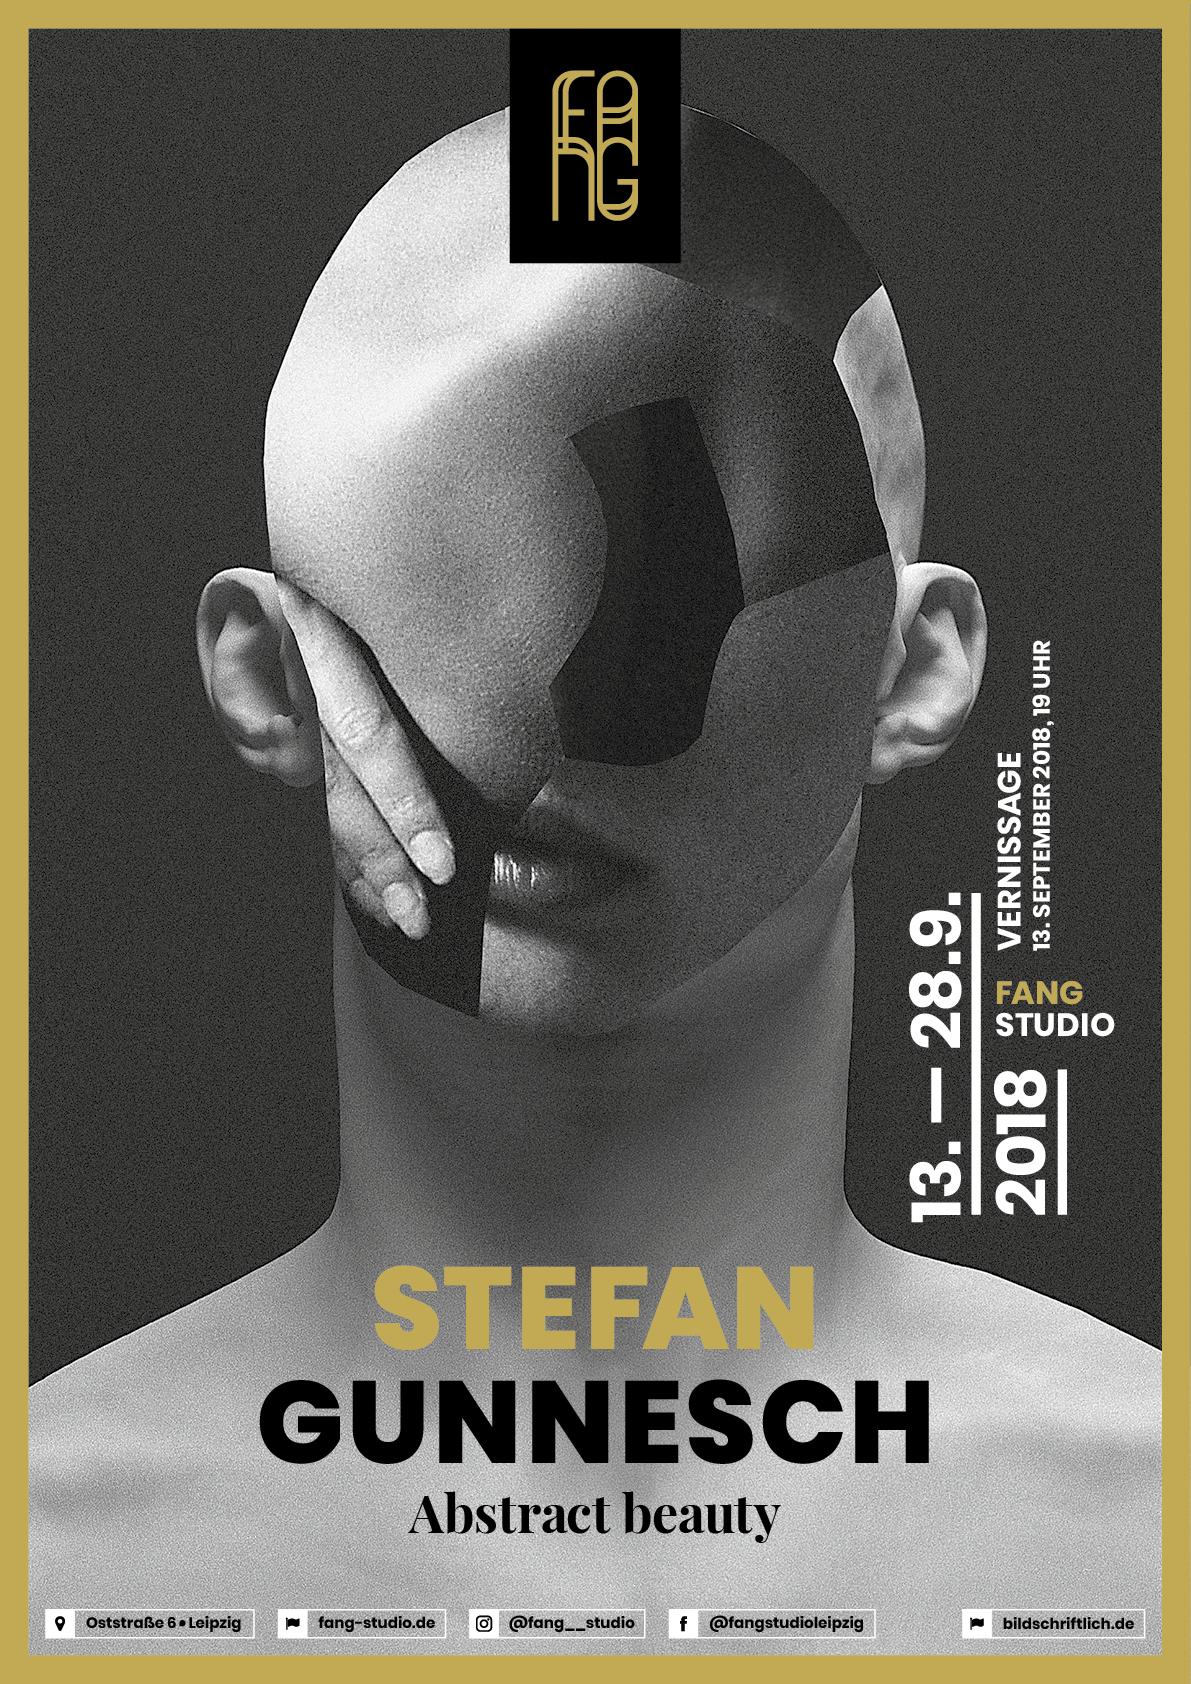 Stefan Gunnesch – Abstract beauty